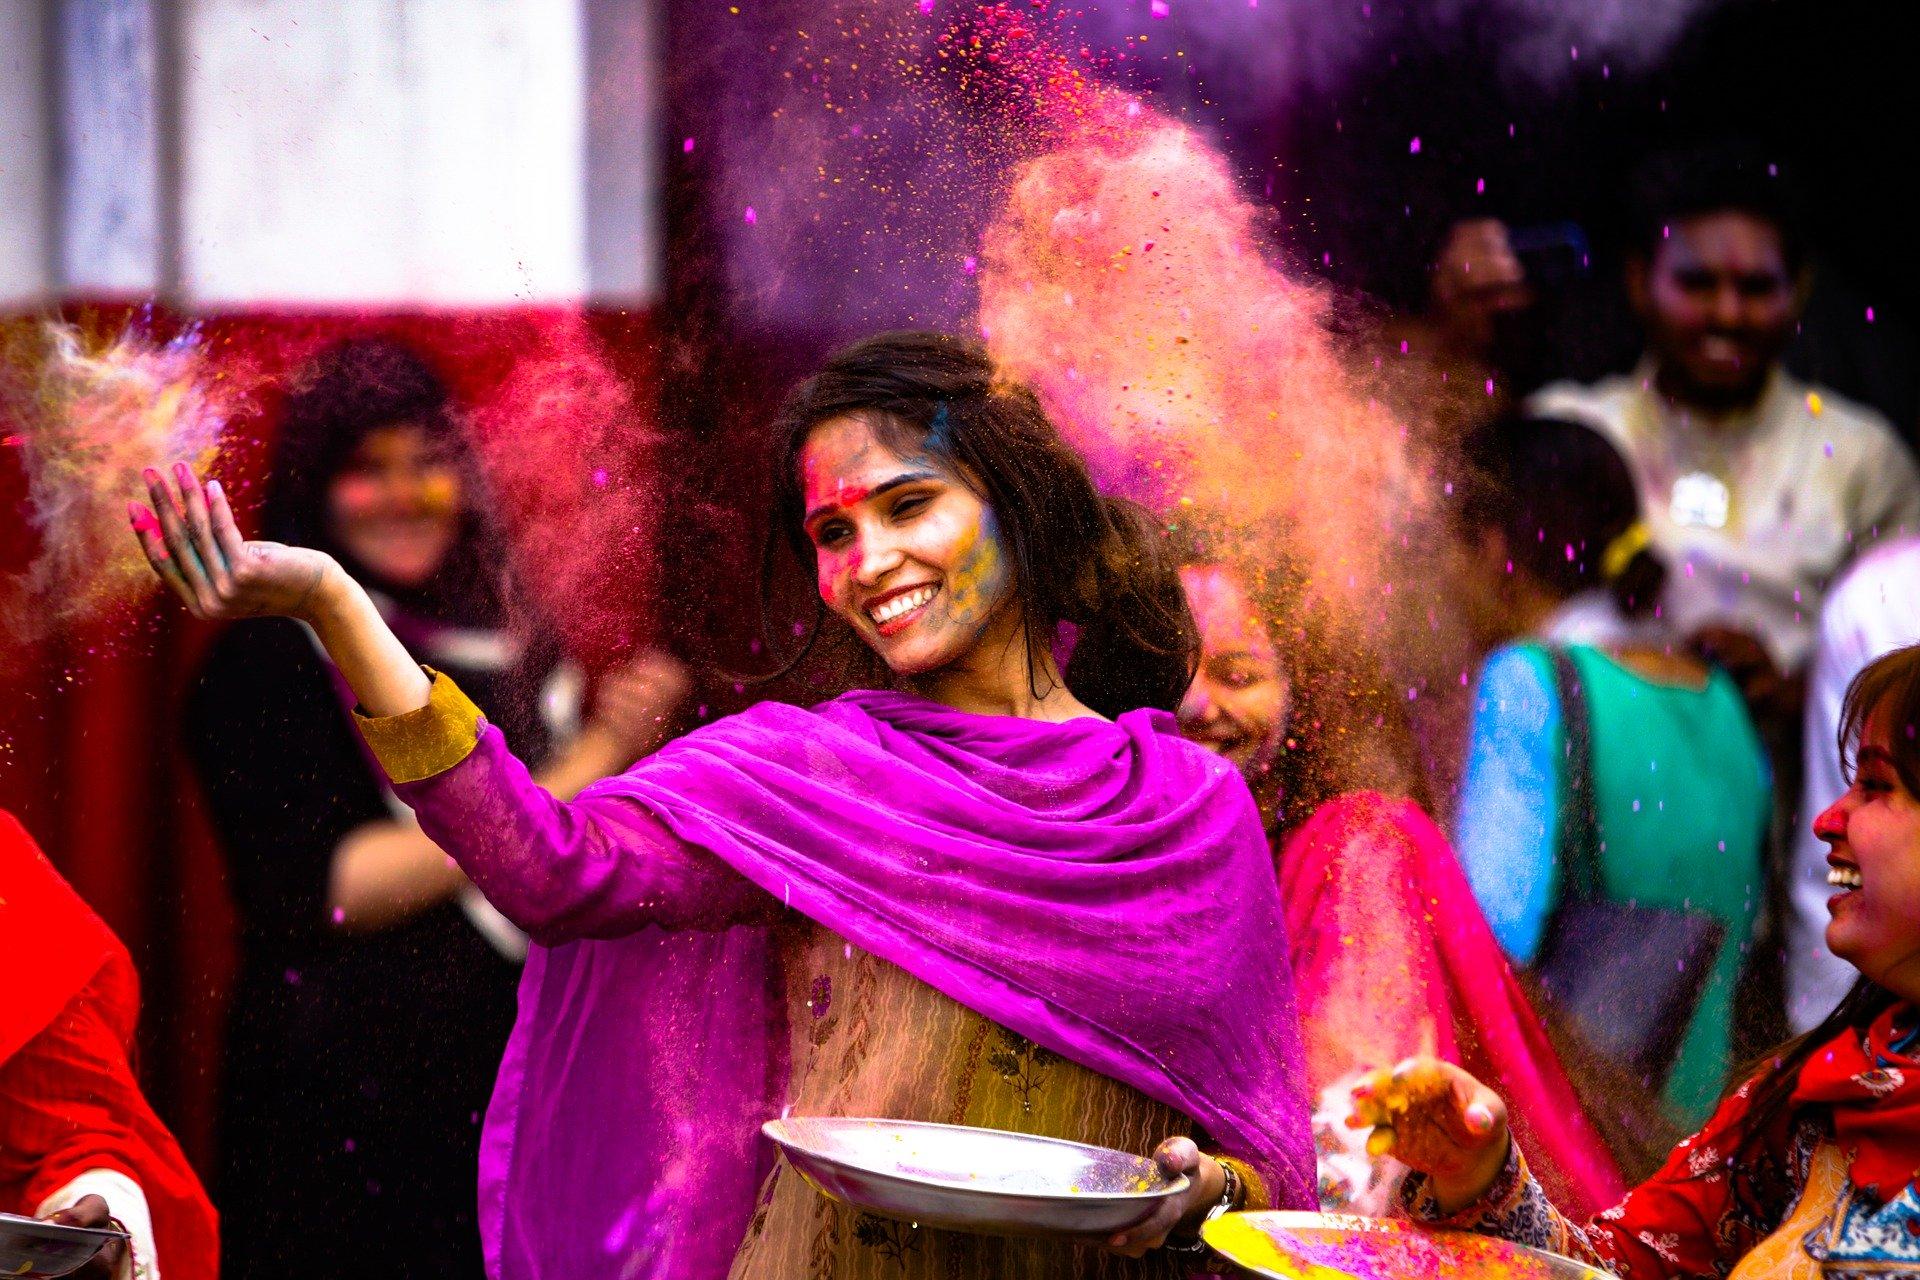 voyager plus en étant indienne - image d'une jeune fille indienne pendant le Holi